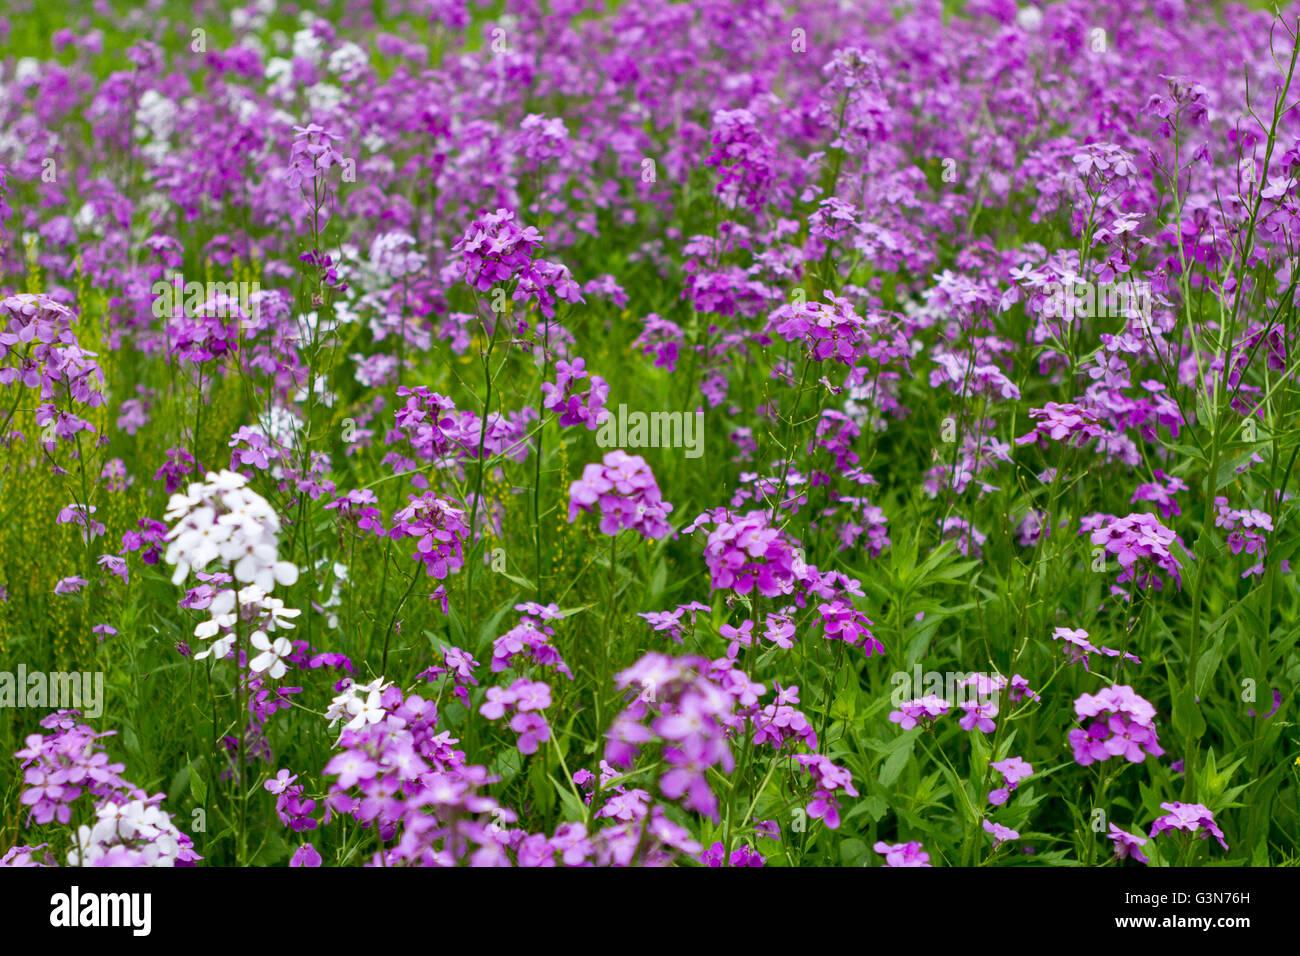 Domaine de l'abondance de fleurs pourpre, Dame's Rocket, Hesperis matronalis Photo Stock